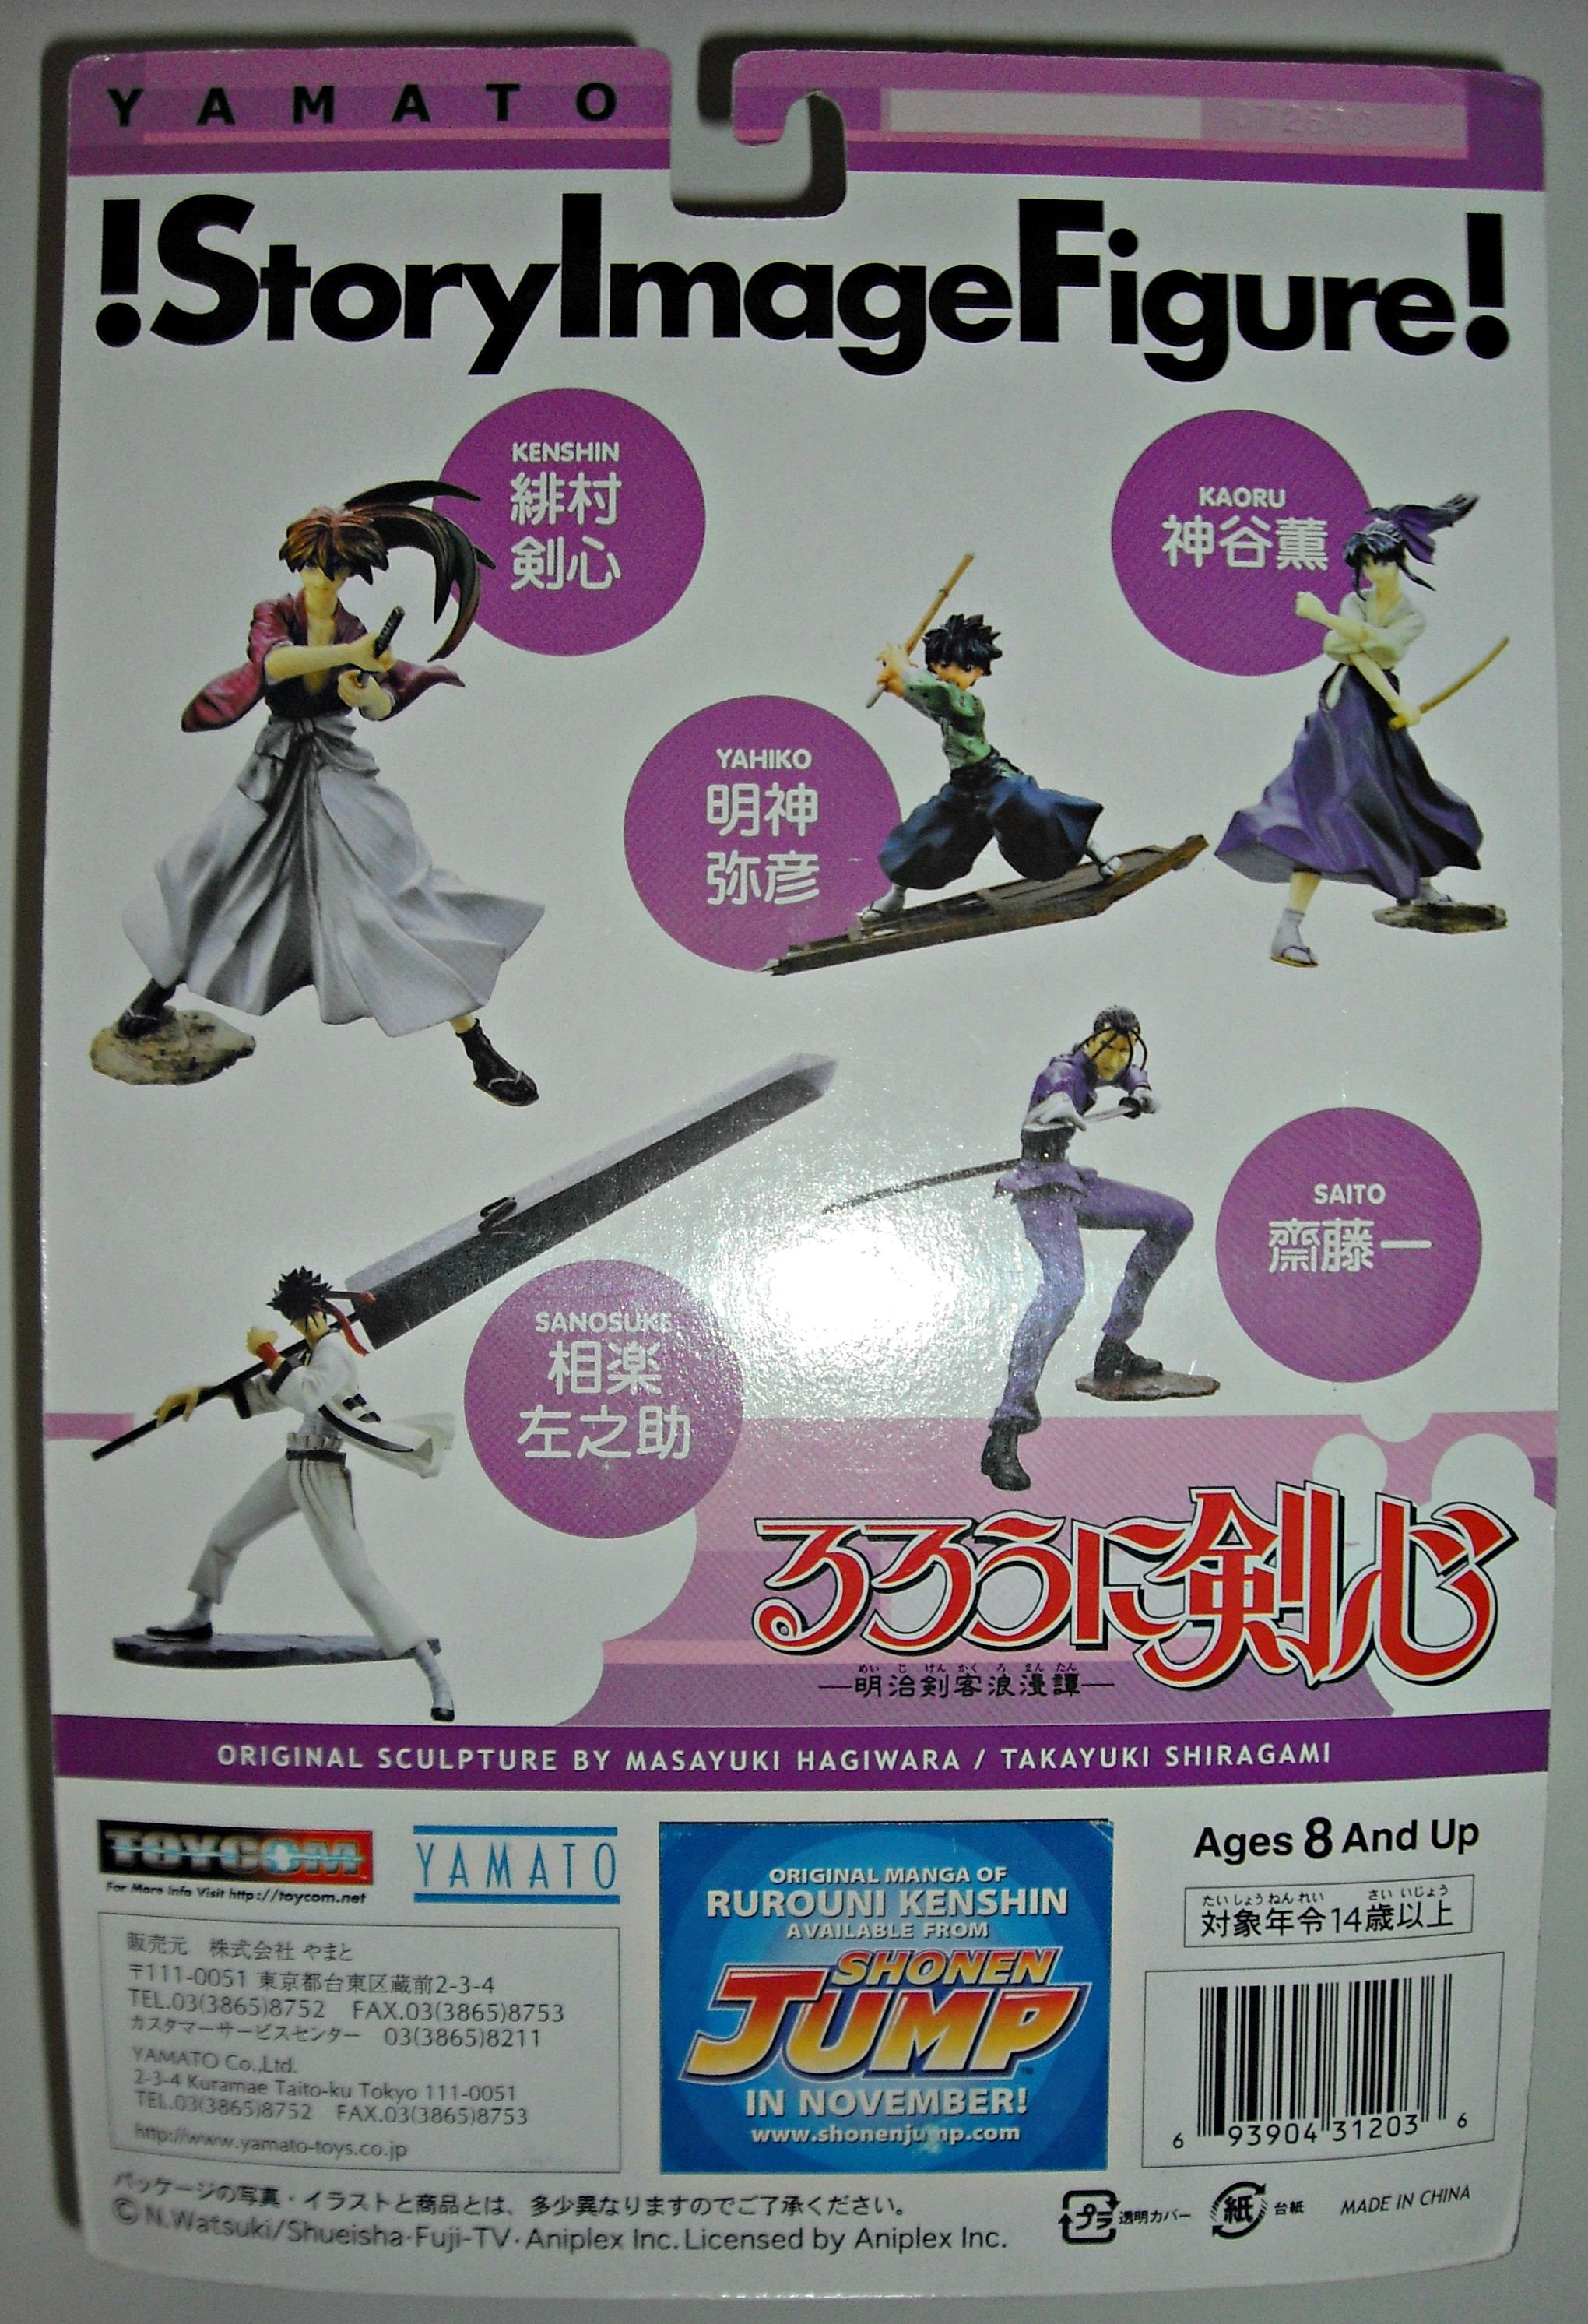 yamato saitou_hajime rurouni_kenshin himura_kenshin story_image_figure sagara_sanosuke myoujin_yahiko kamiya_kaoru